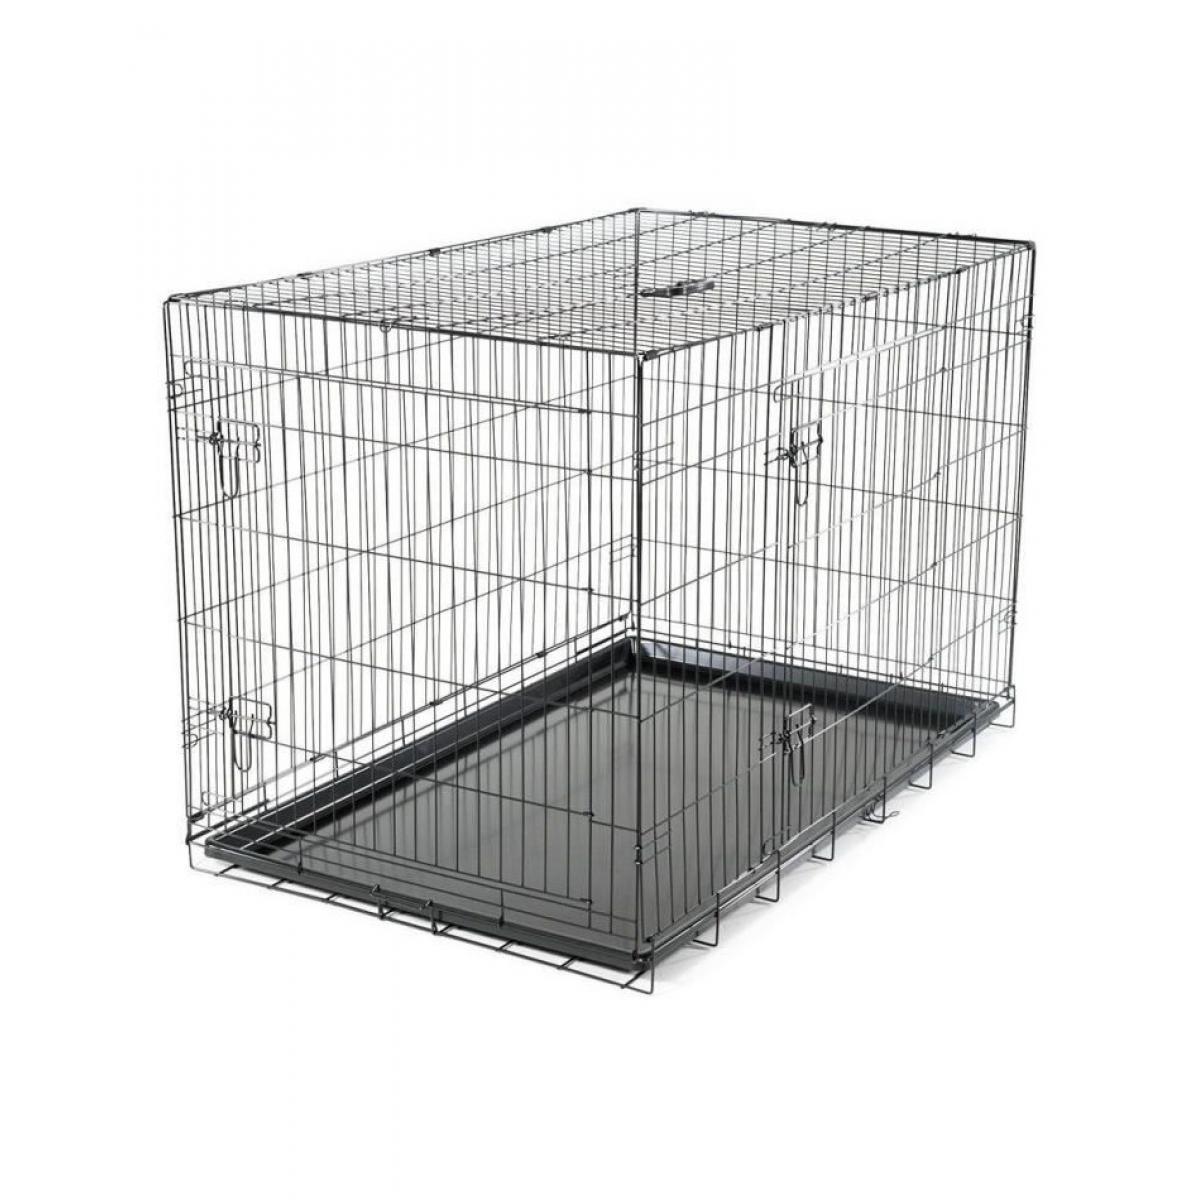 Vadigran VADIGRAN Cage métallique pliable Classic - 122 x 79 x 86 cm - Noir - Pour chien